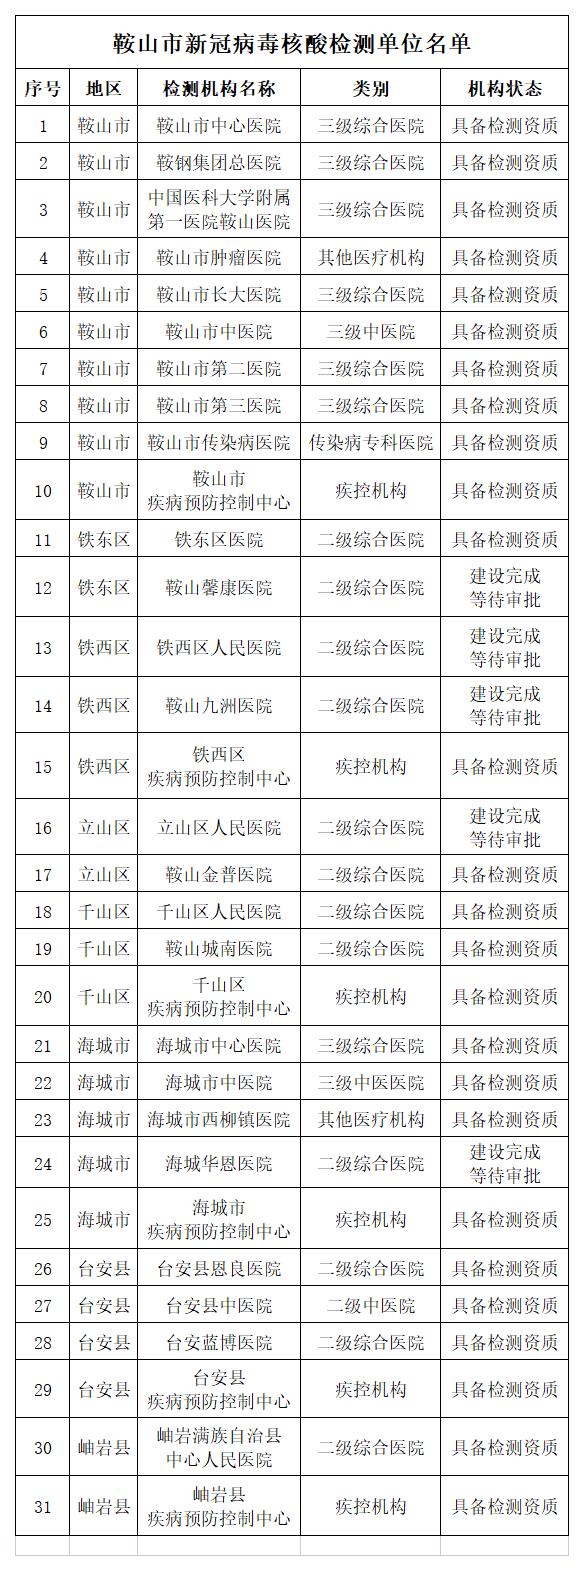 新建 XLSX 工作表 (2).png